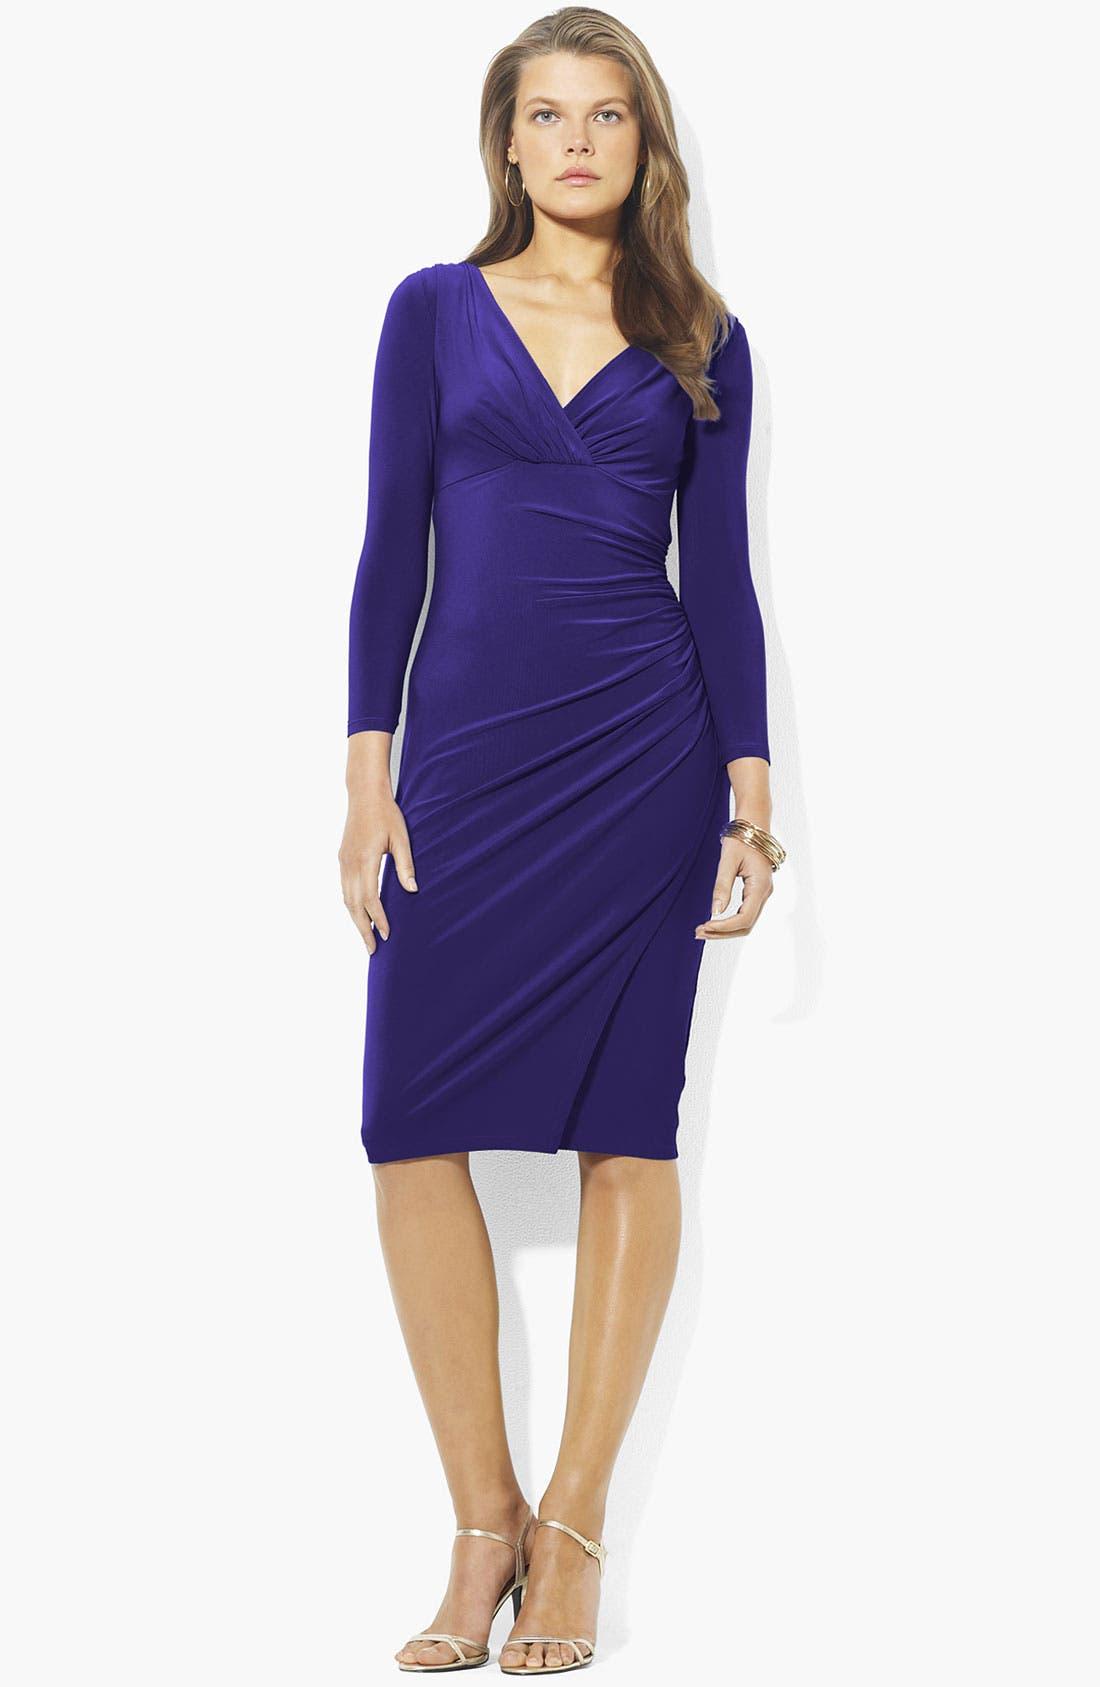 Alternate Image 1 Selected - Lauren Ralph Lauren Surplice Jersey Dress